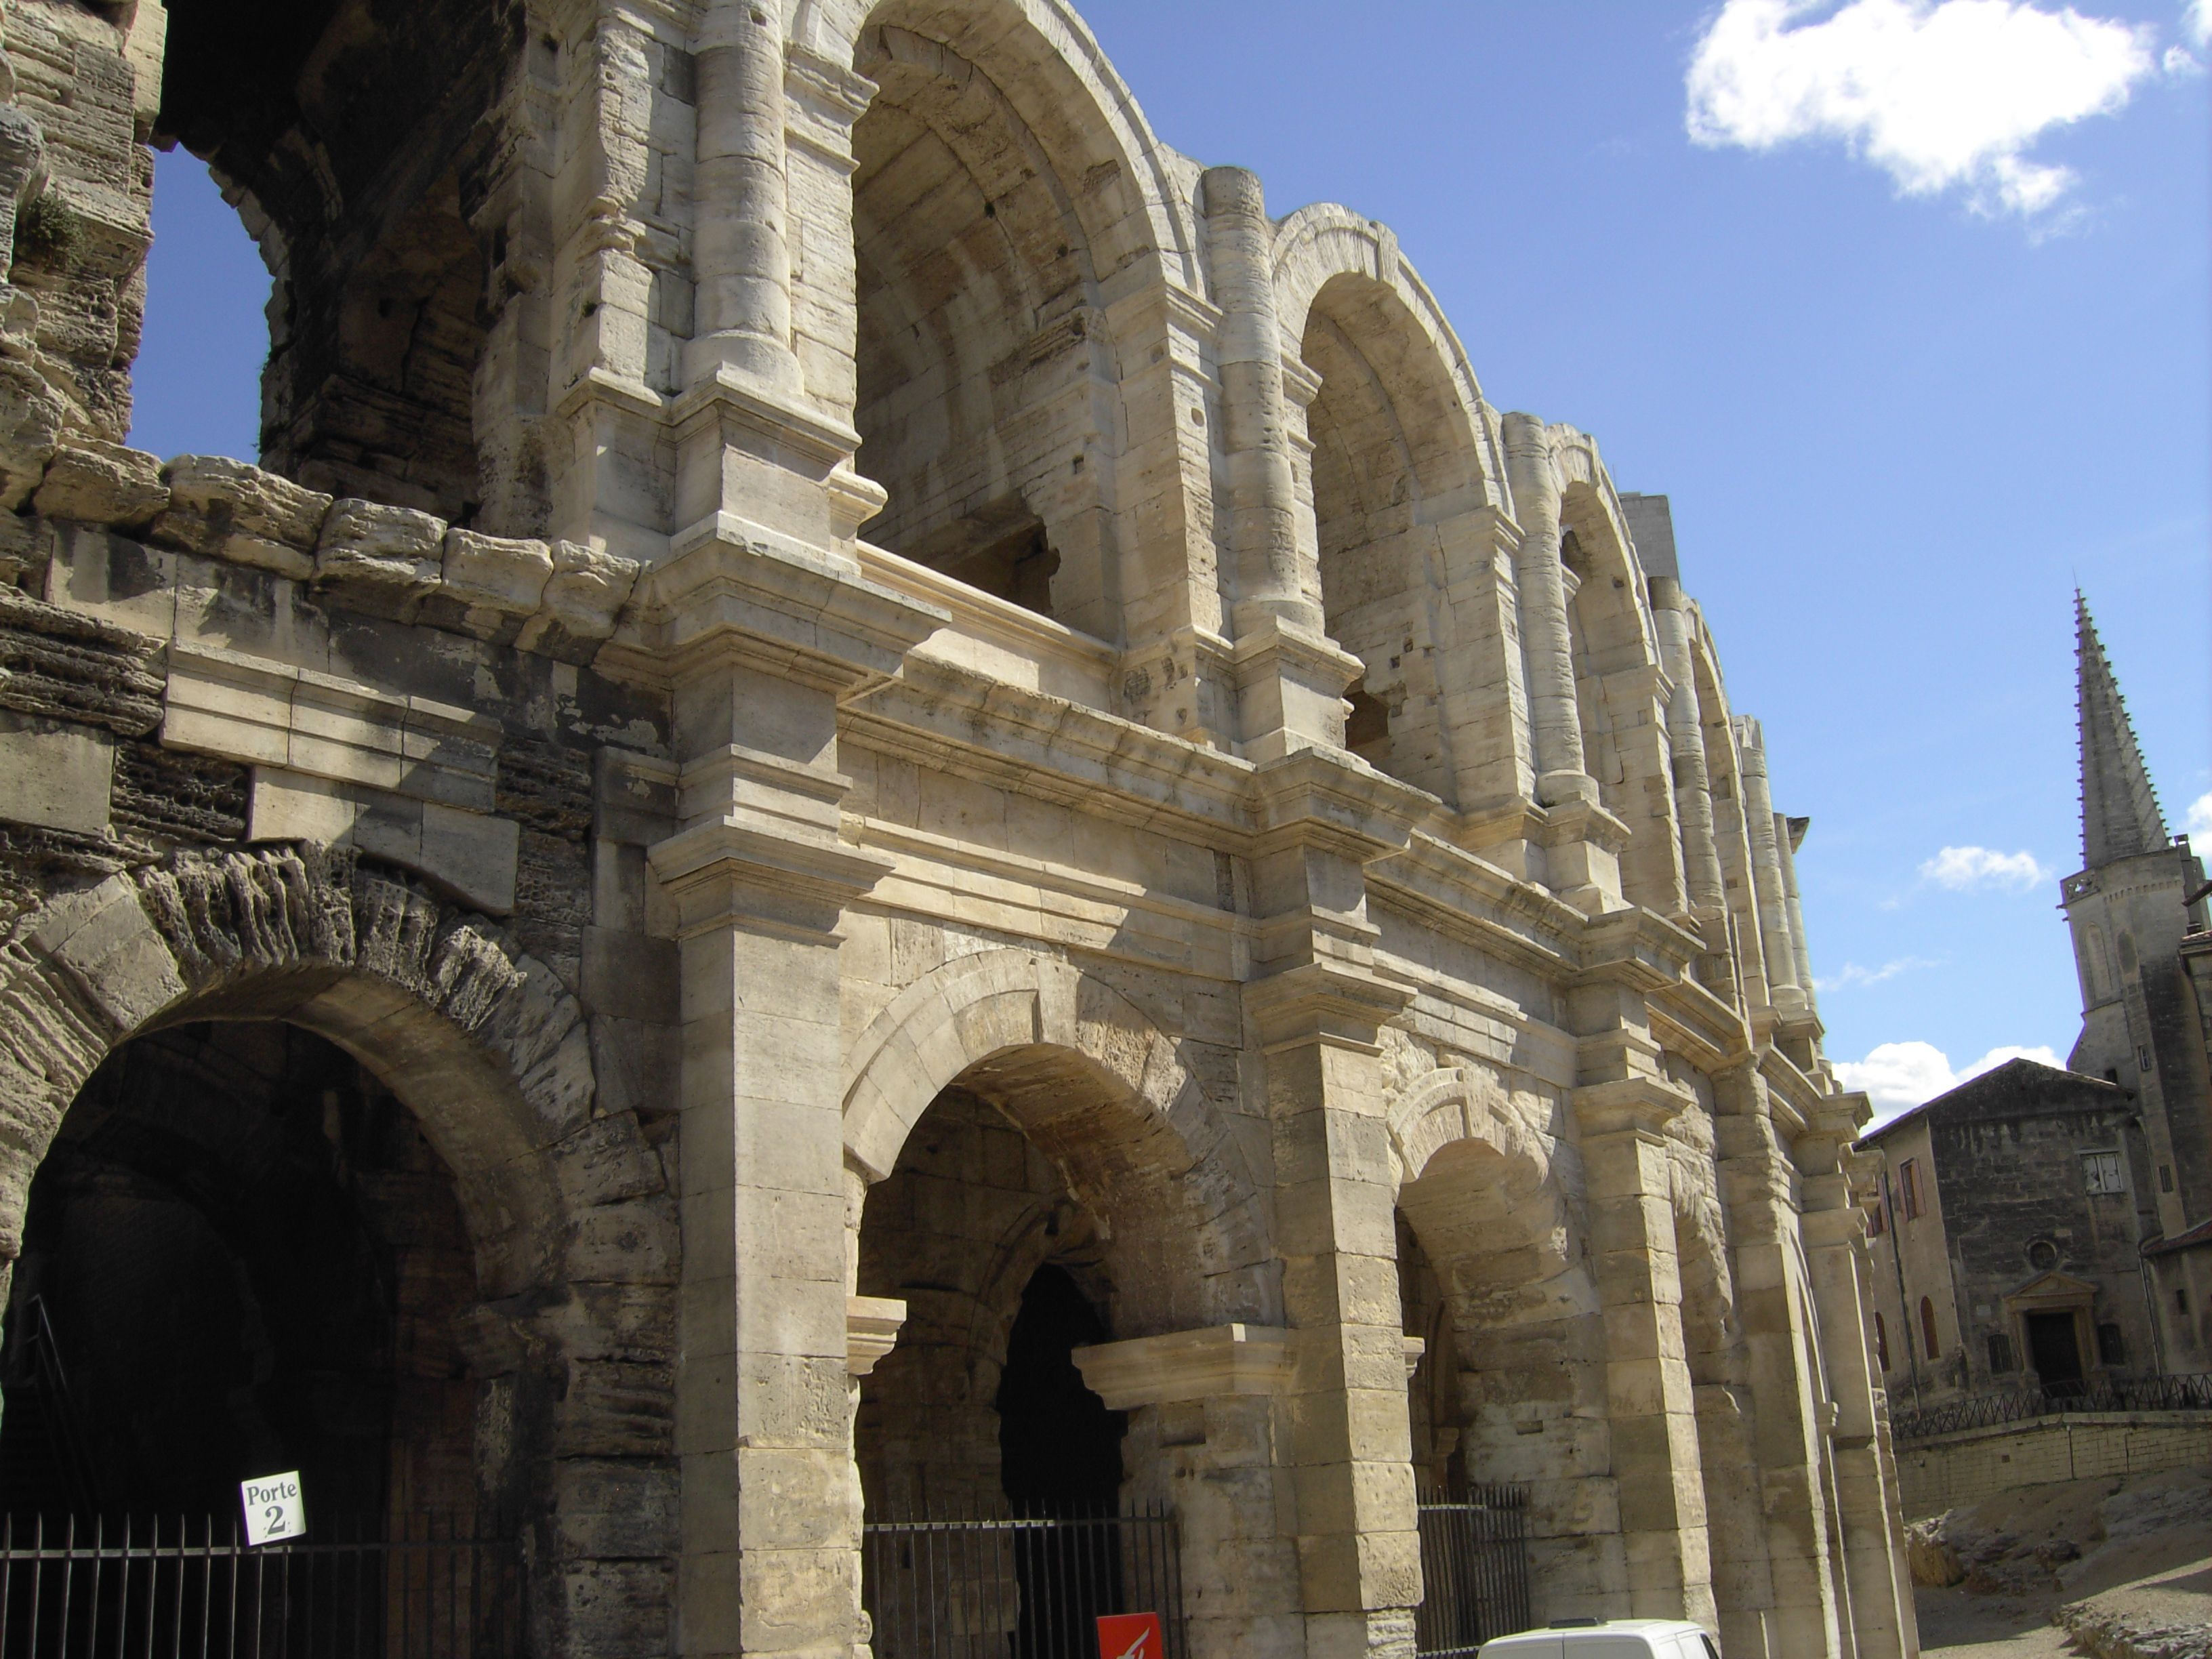 El anfiteatro romano de Arles, Provenza